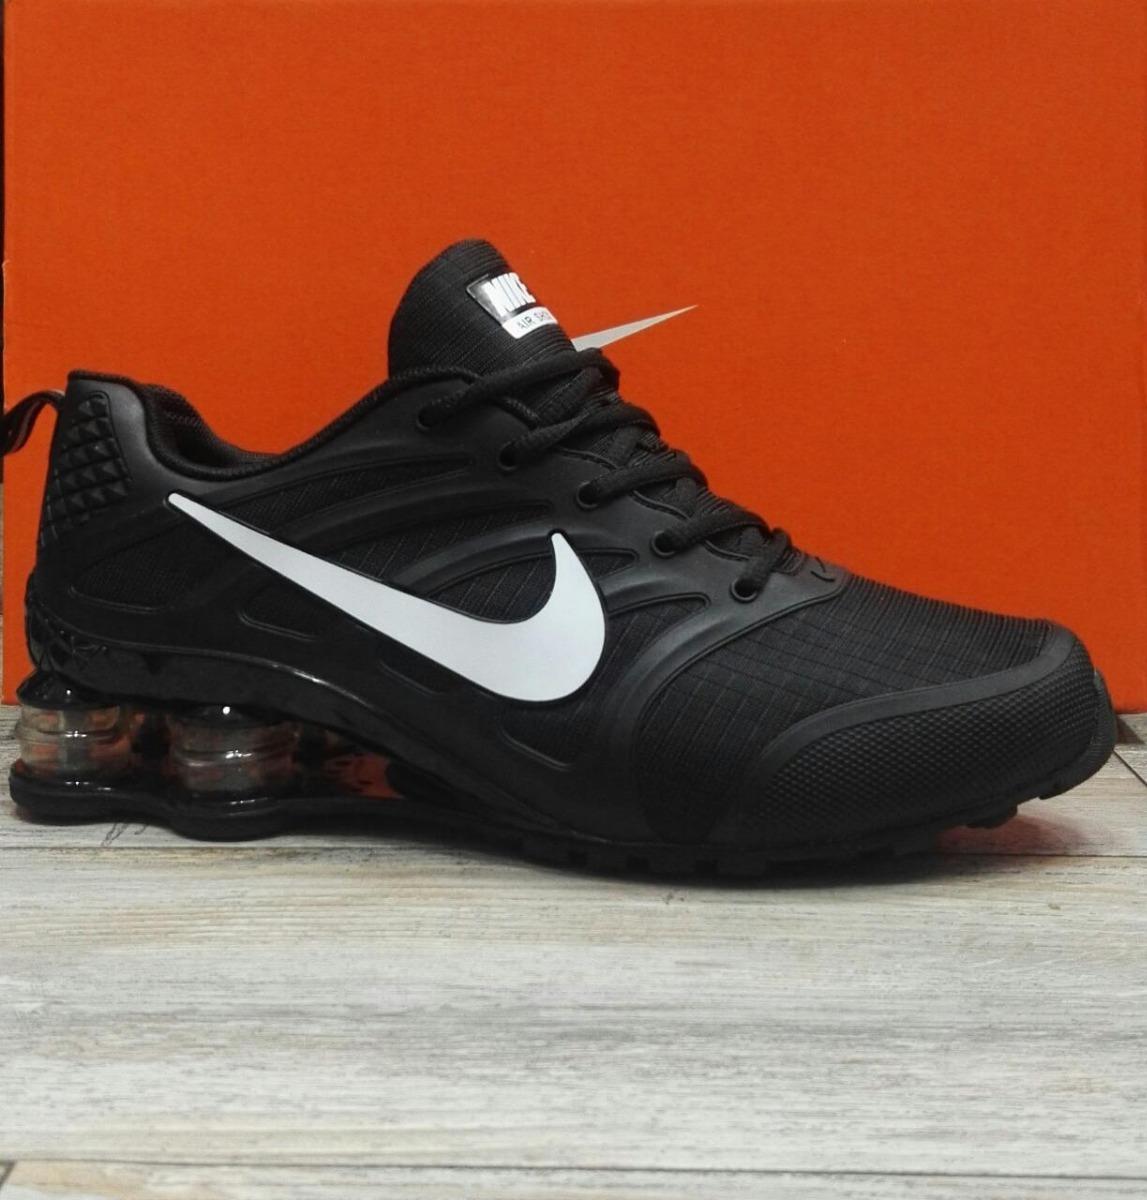 promo code a6c10 c1576 Tenis, Zapatillas, Nike Air Max Shox Para Hombre -  172.000 en Mercado  Libre